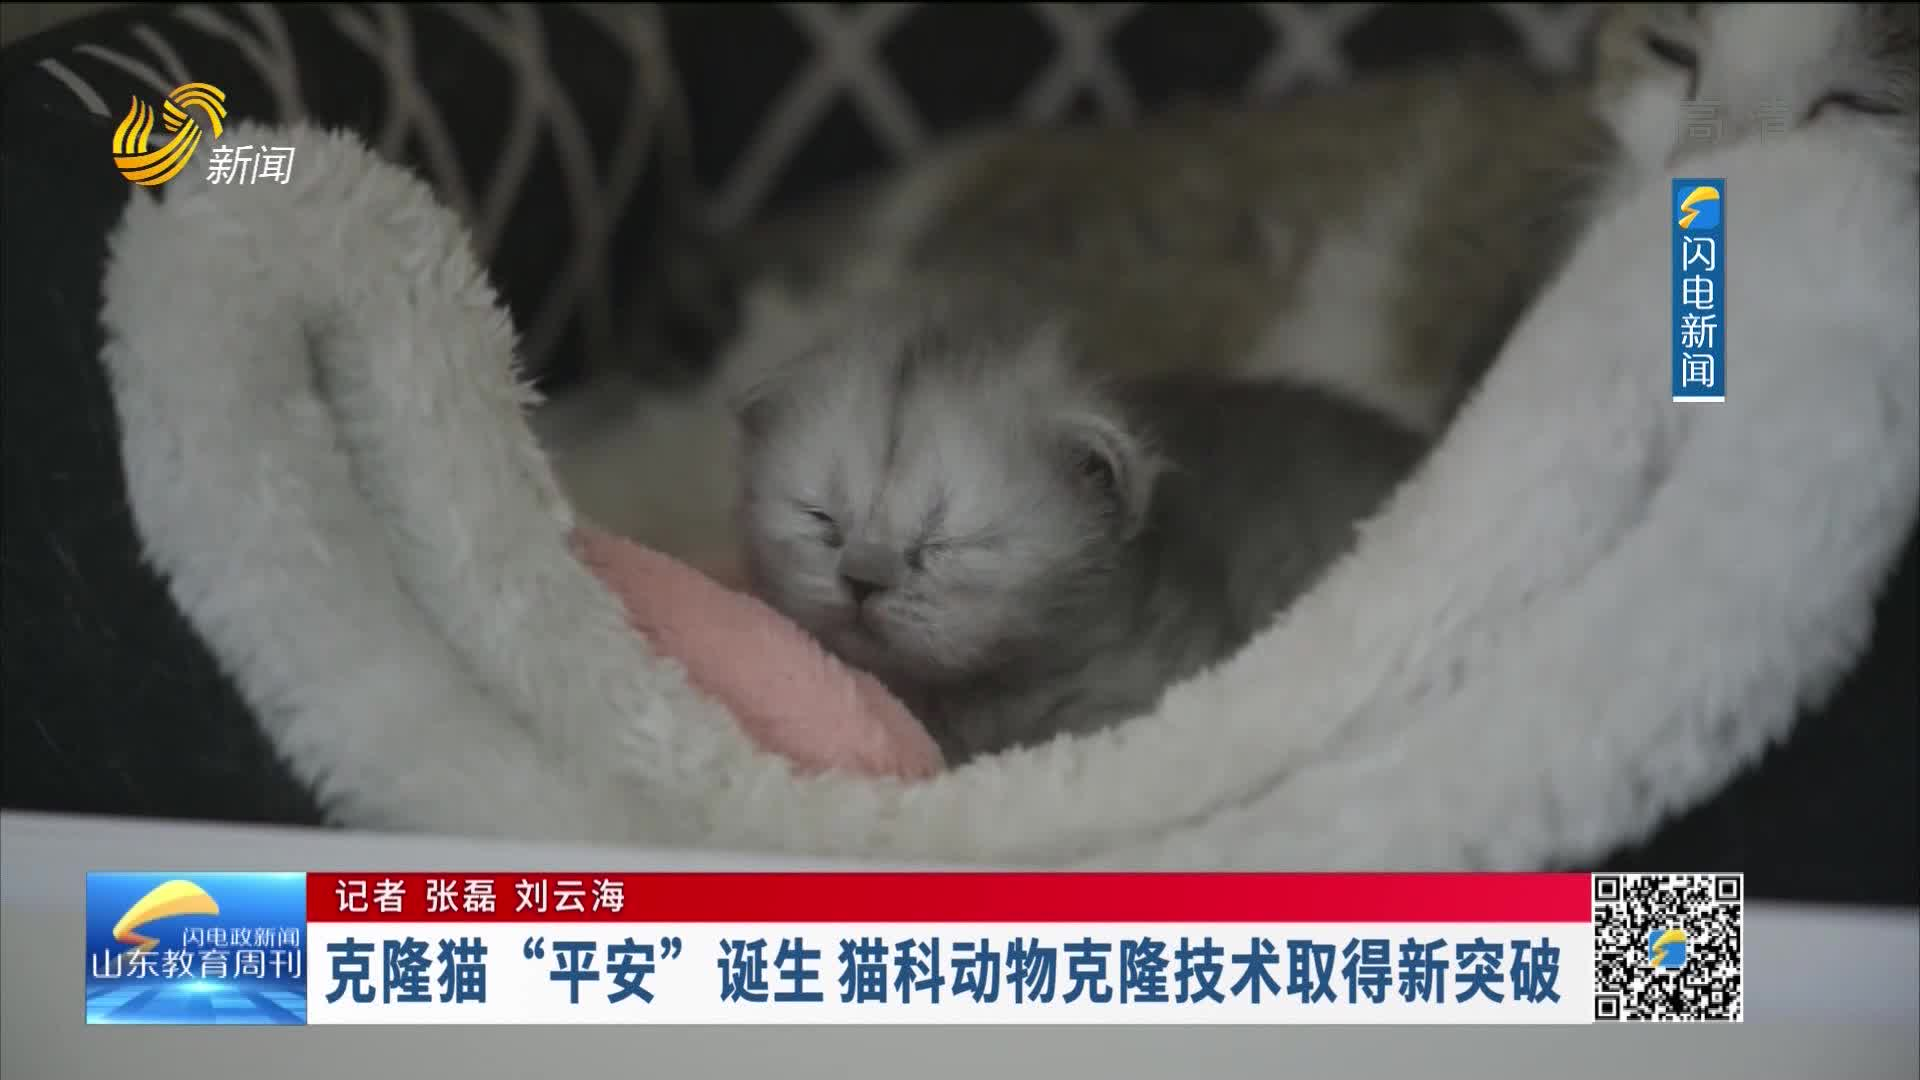 """克隆猫""""安然""""诞生 猫科动物克隆技术取得新突破"""